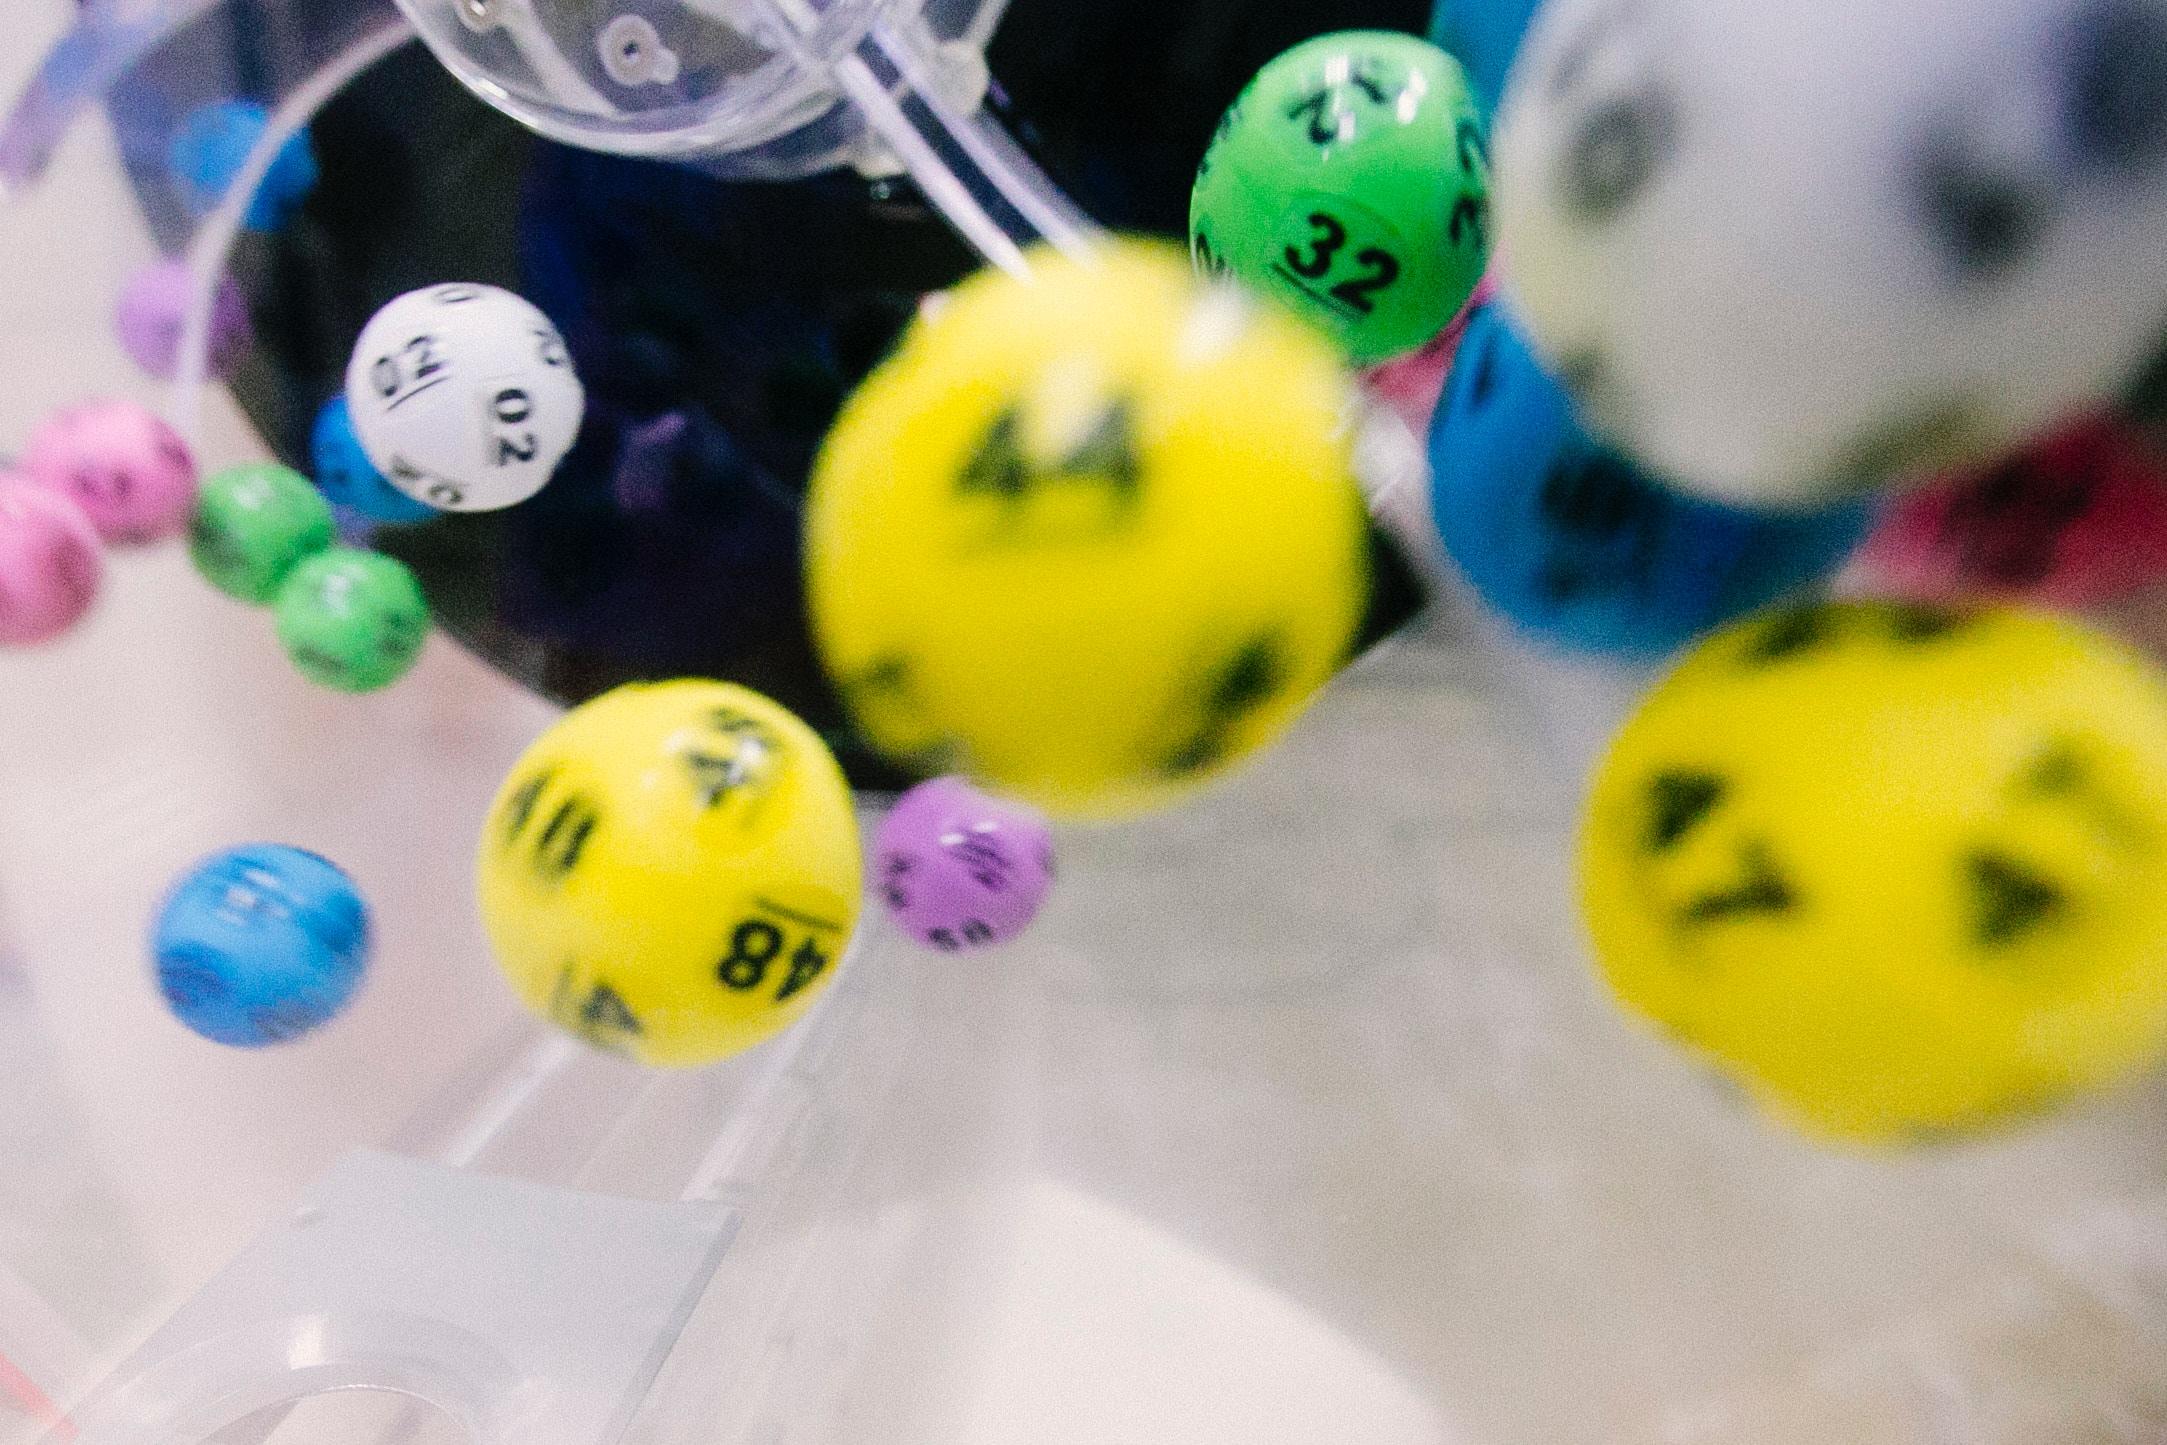 lottery, lotteri, lotto, vinder, spil, danske spil